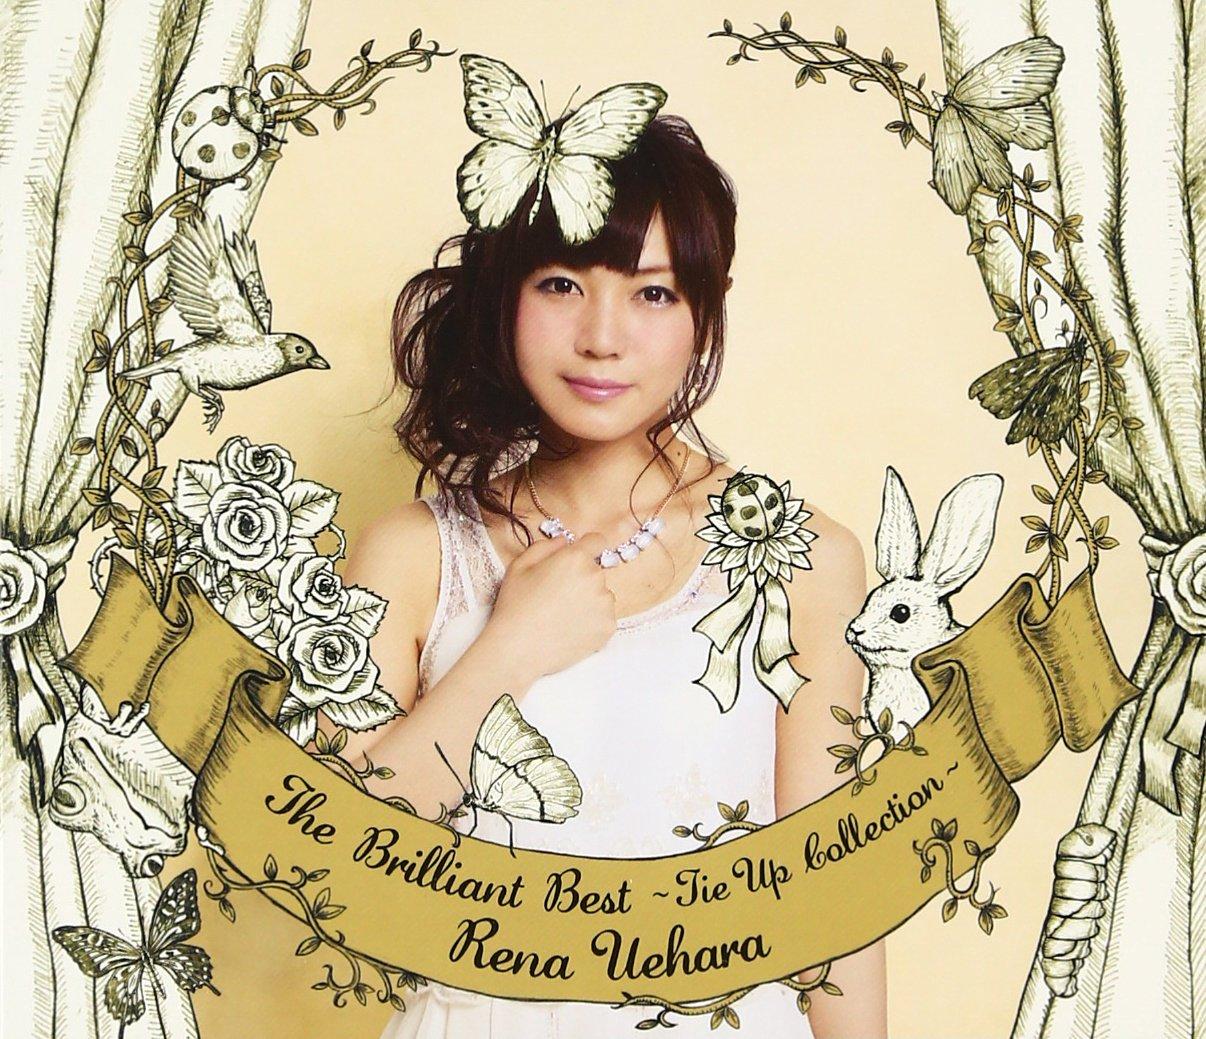 上原れな (Uehara Rena) – The Brilliant Best (2213) [2xSACD ISO]